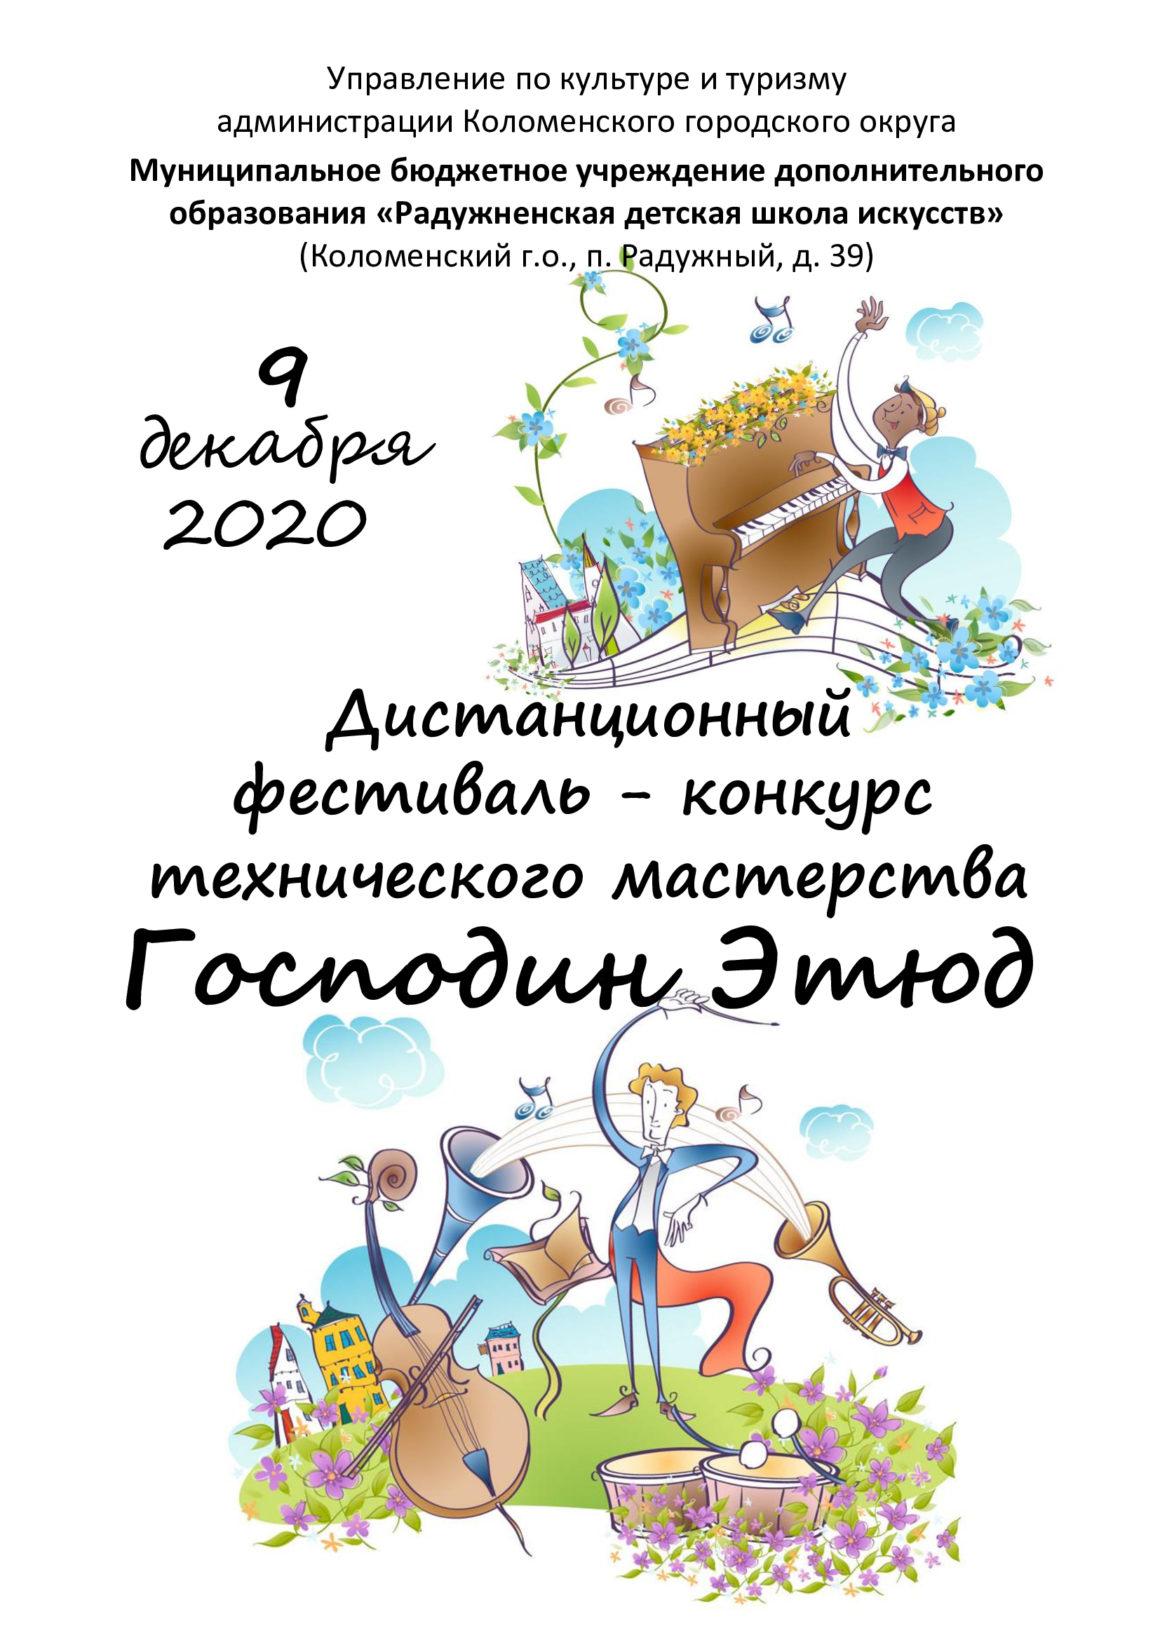 Дистанционный фестиваль-конкурс технического мастерства «Господин Этюд».